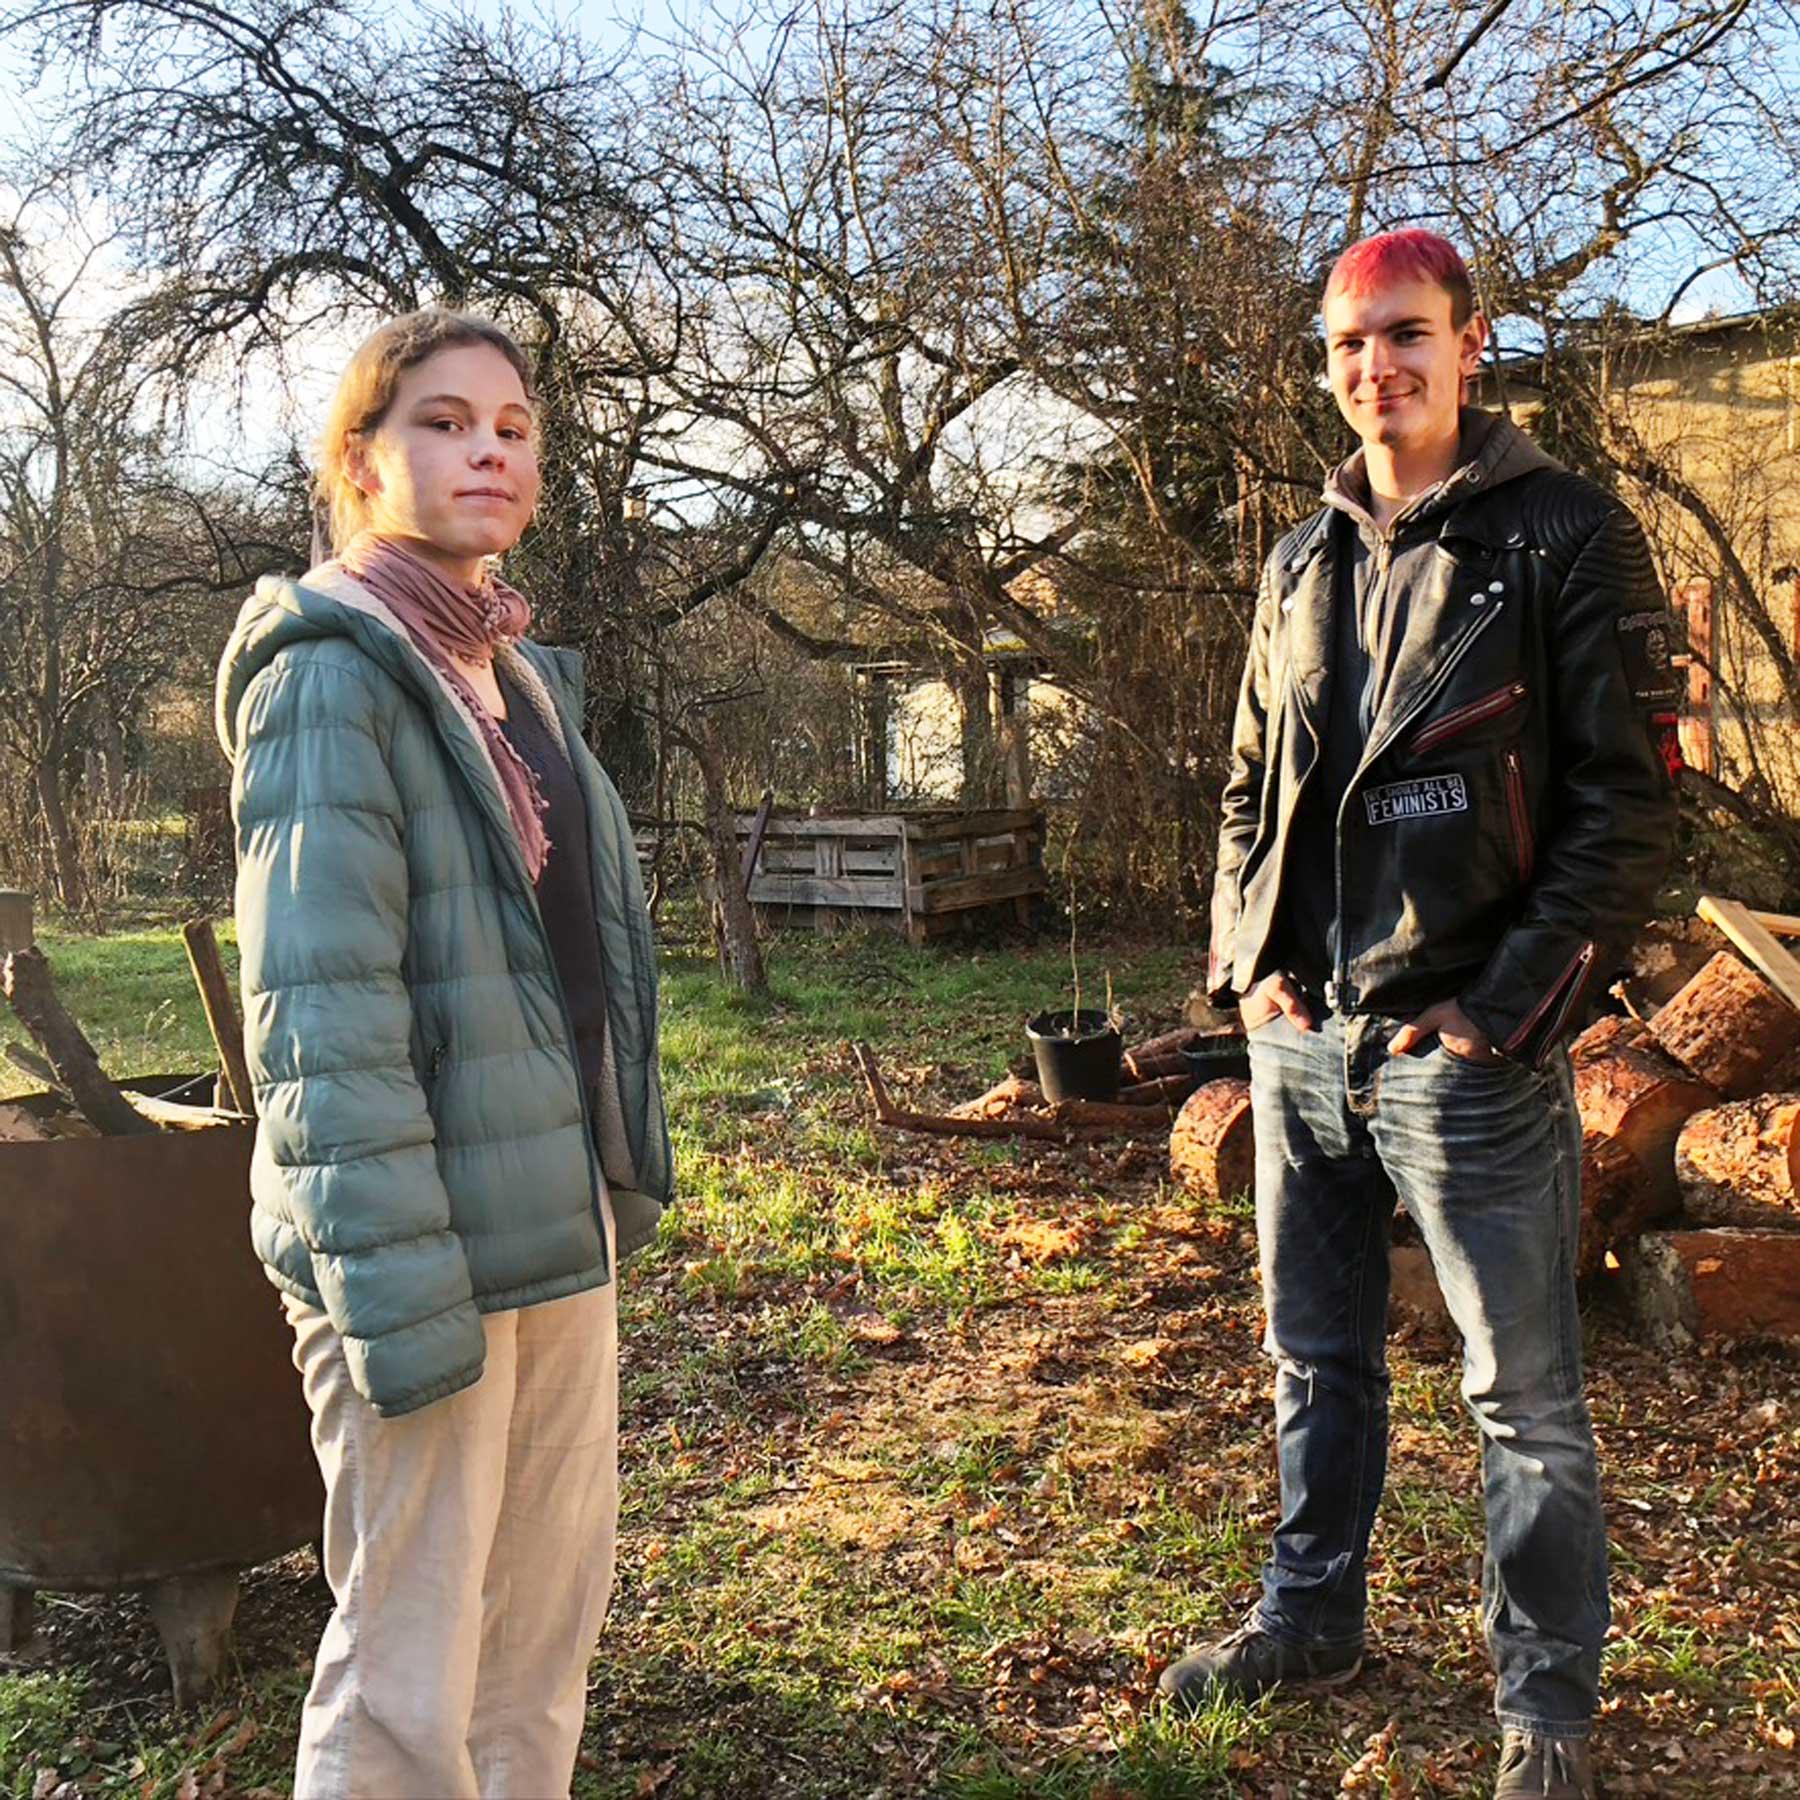 Emily und Phil von fridays for future in Treptow-Köpenick